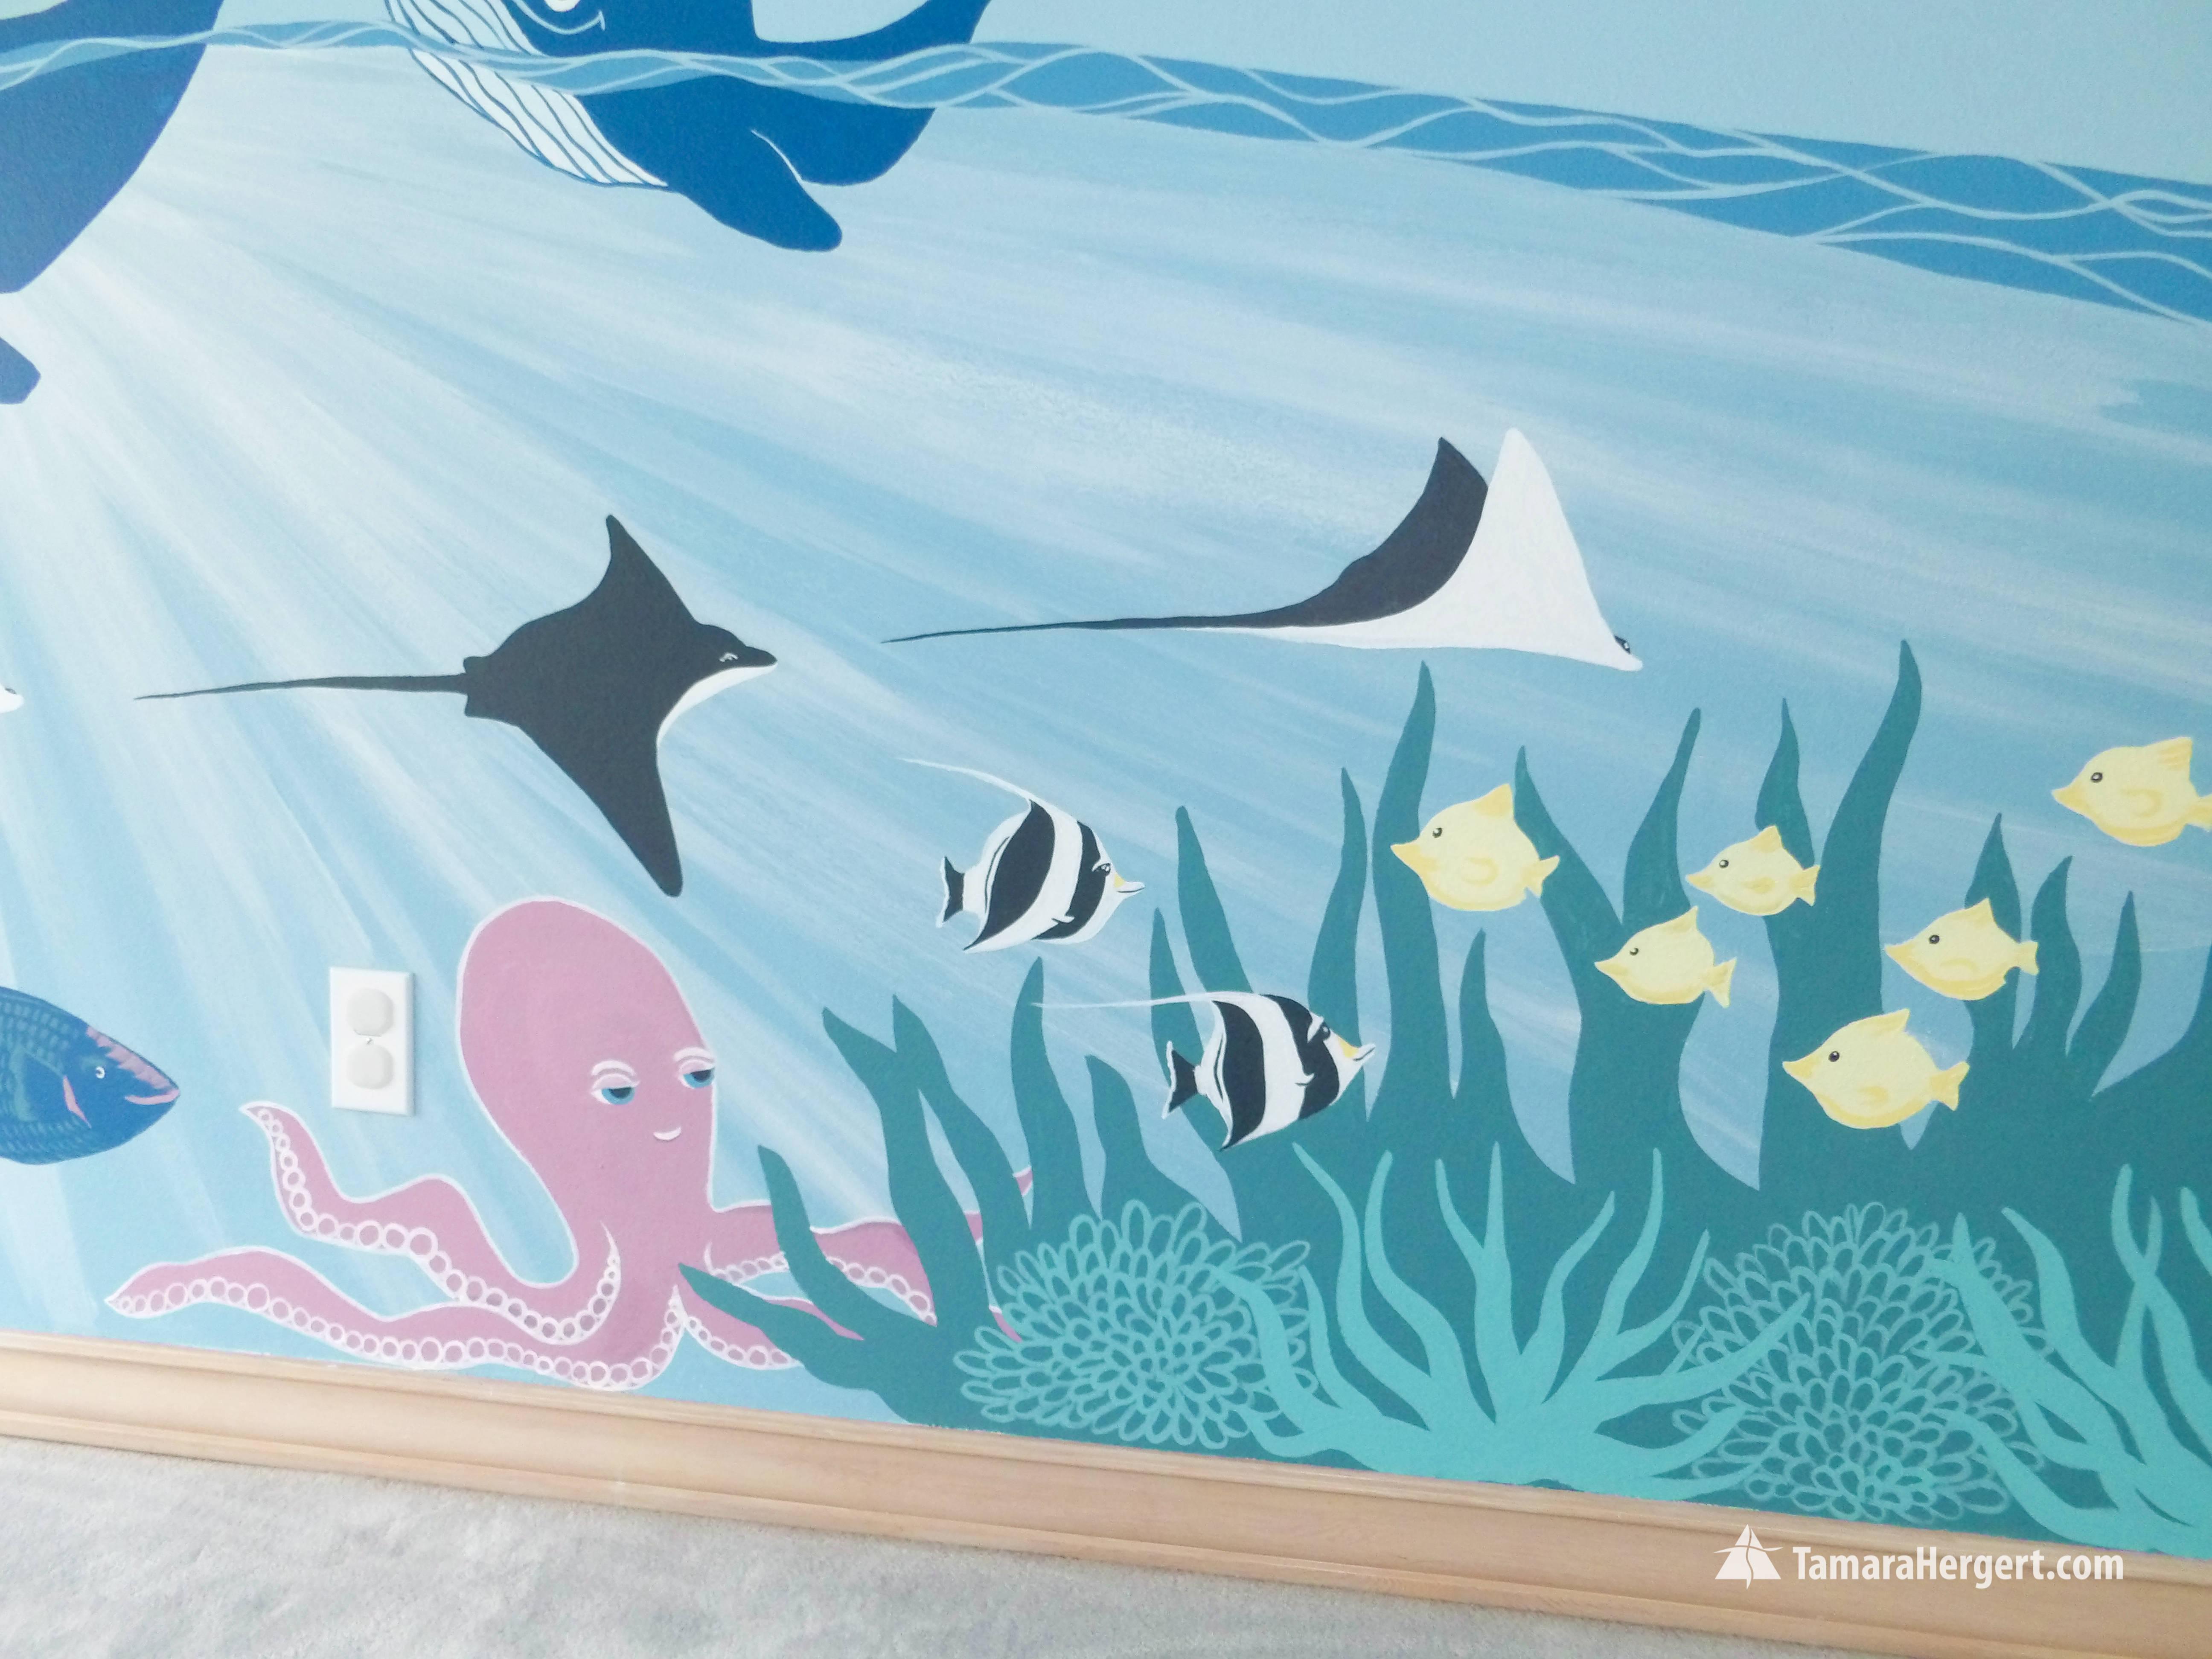 Sealife mural by Tamara Hergert 9